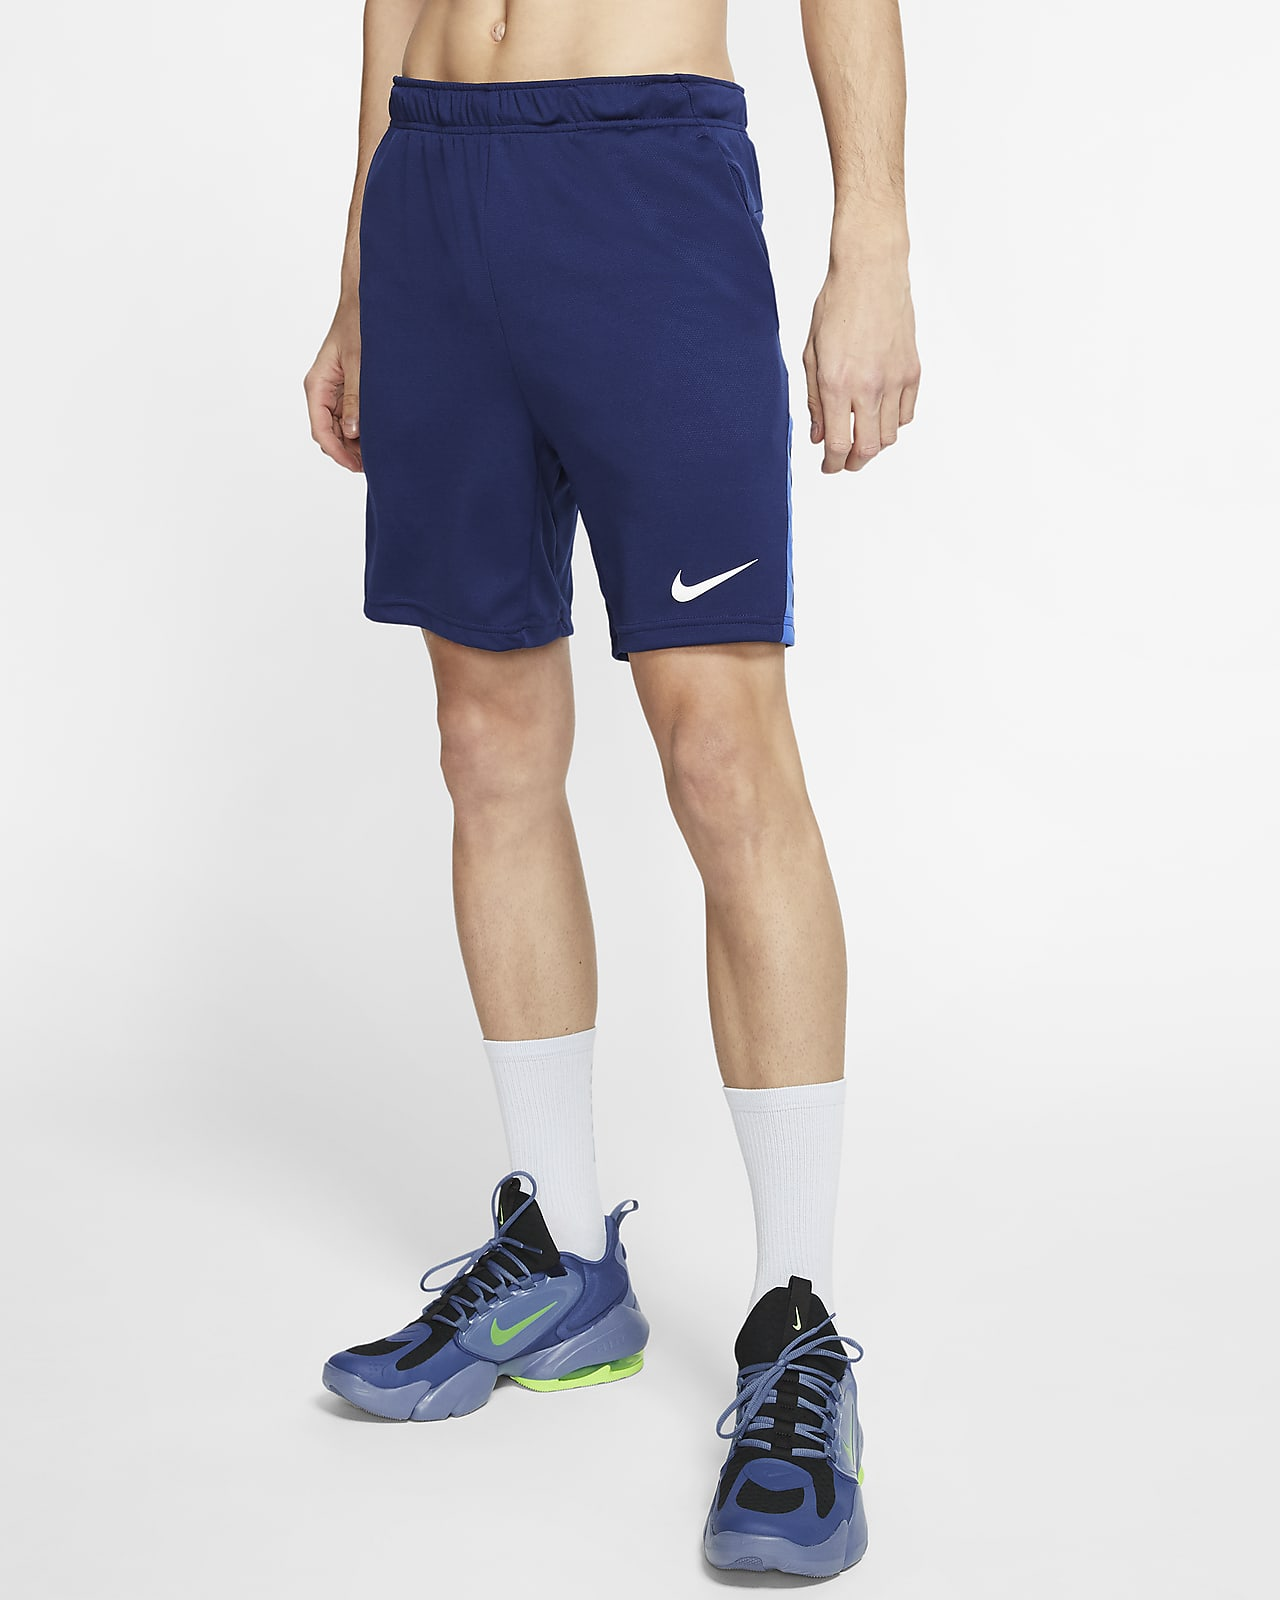 Nike Dri-FIT Men's Training Shorts